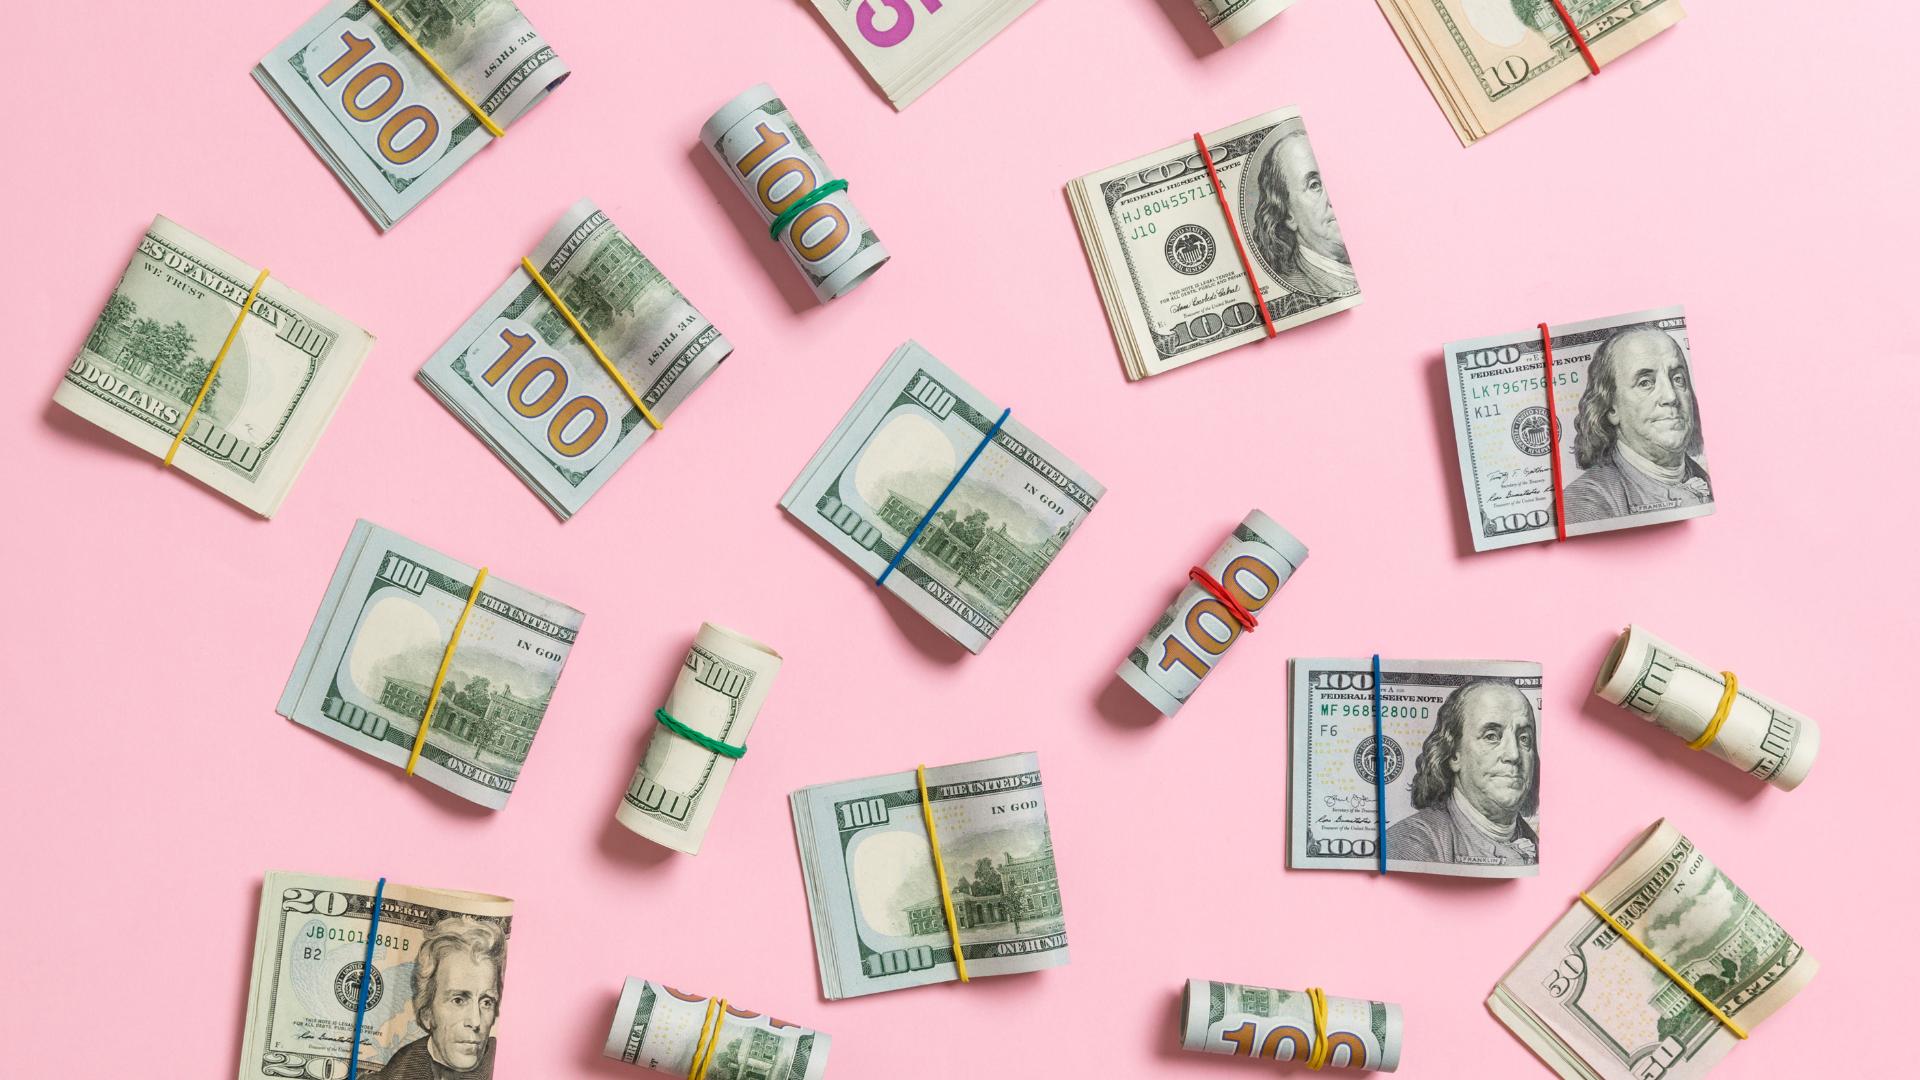 dollar bills on pink background